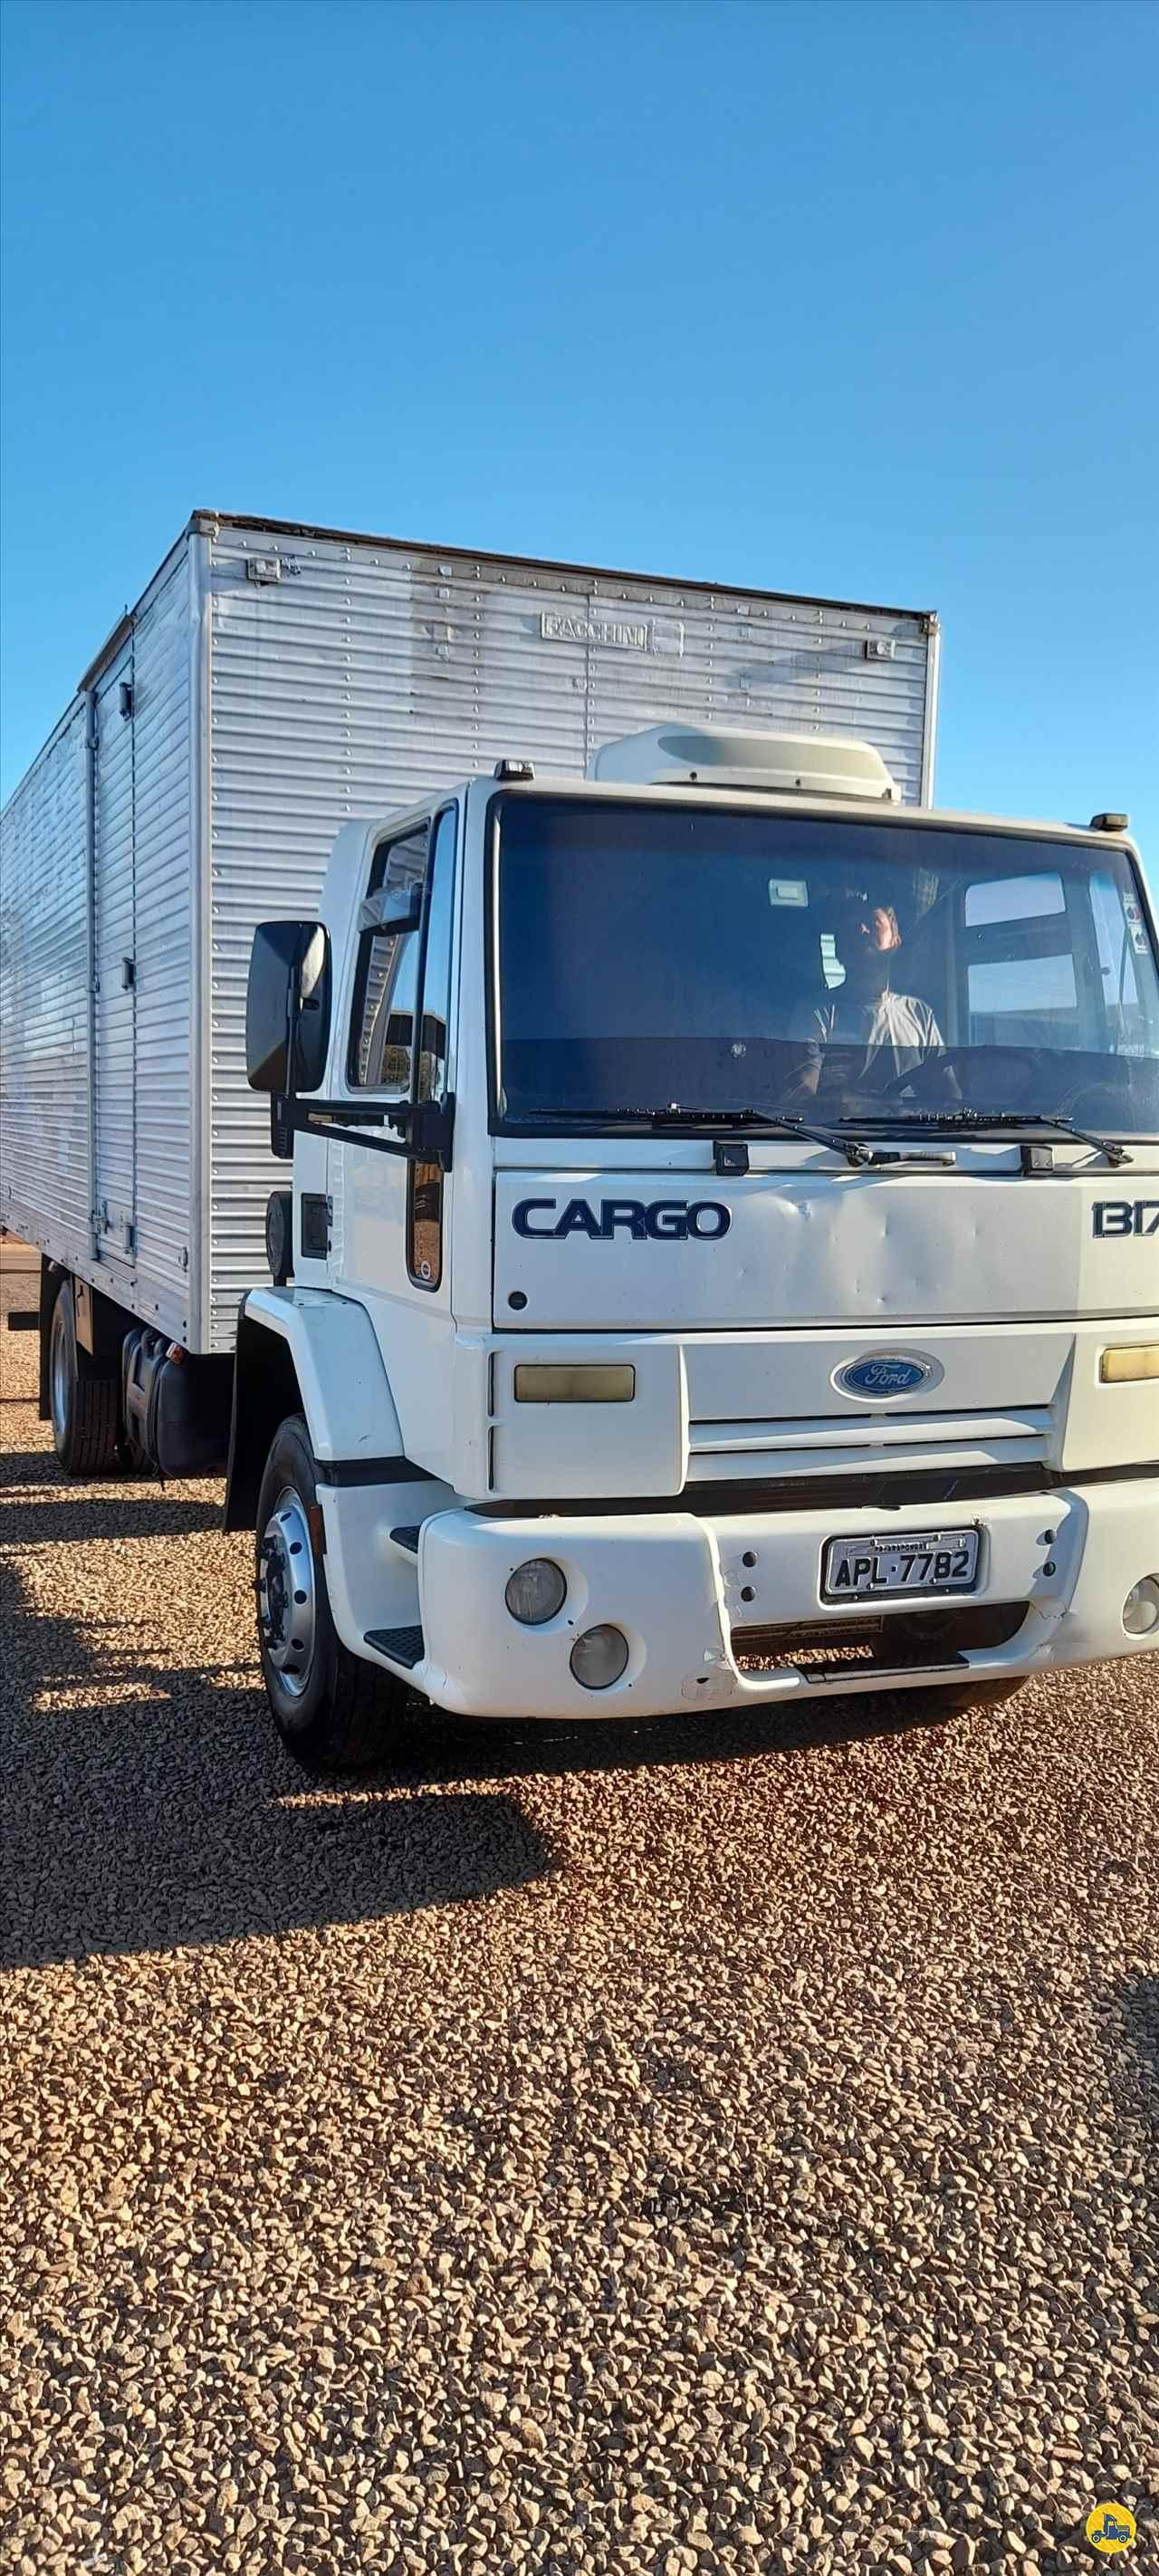 CAMINHAO FORD CARGO 1317 Baú Furgão Toco 4x2 Aratrans Estacionamento ARAPONGAS PARANÁ PR